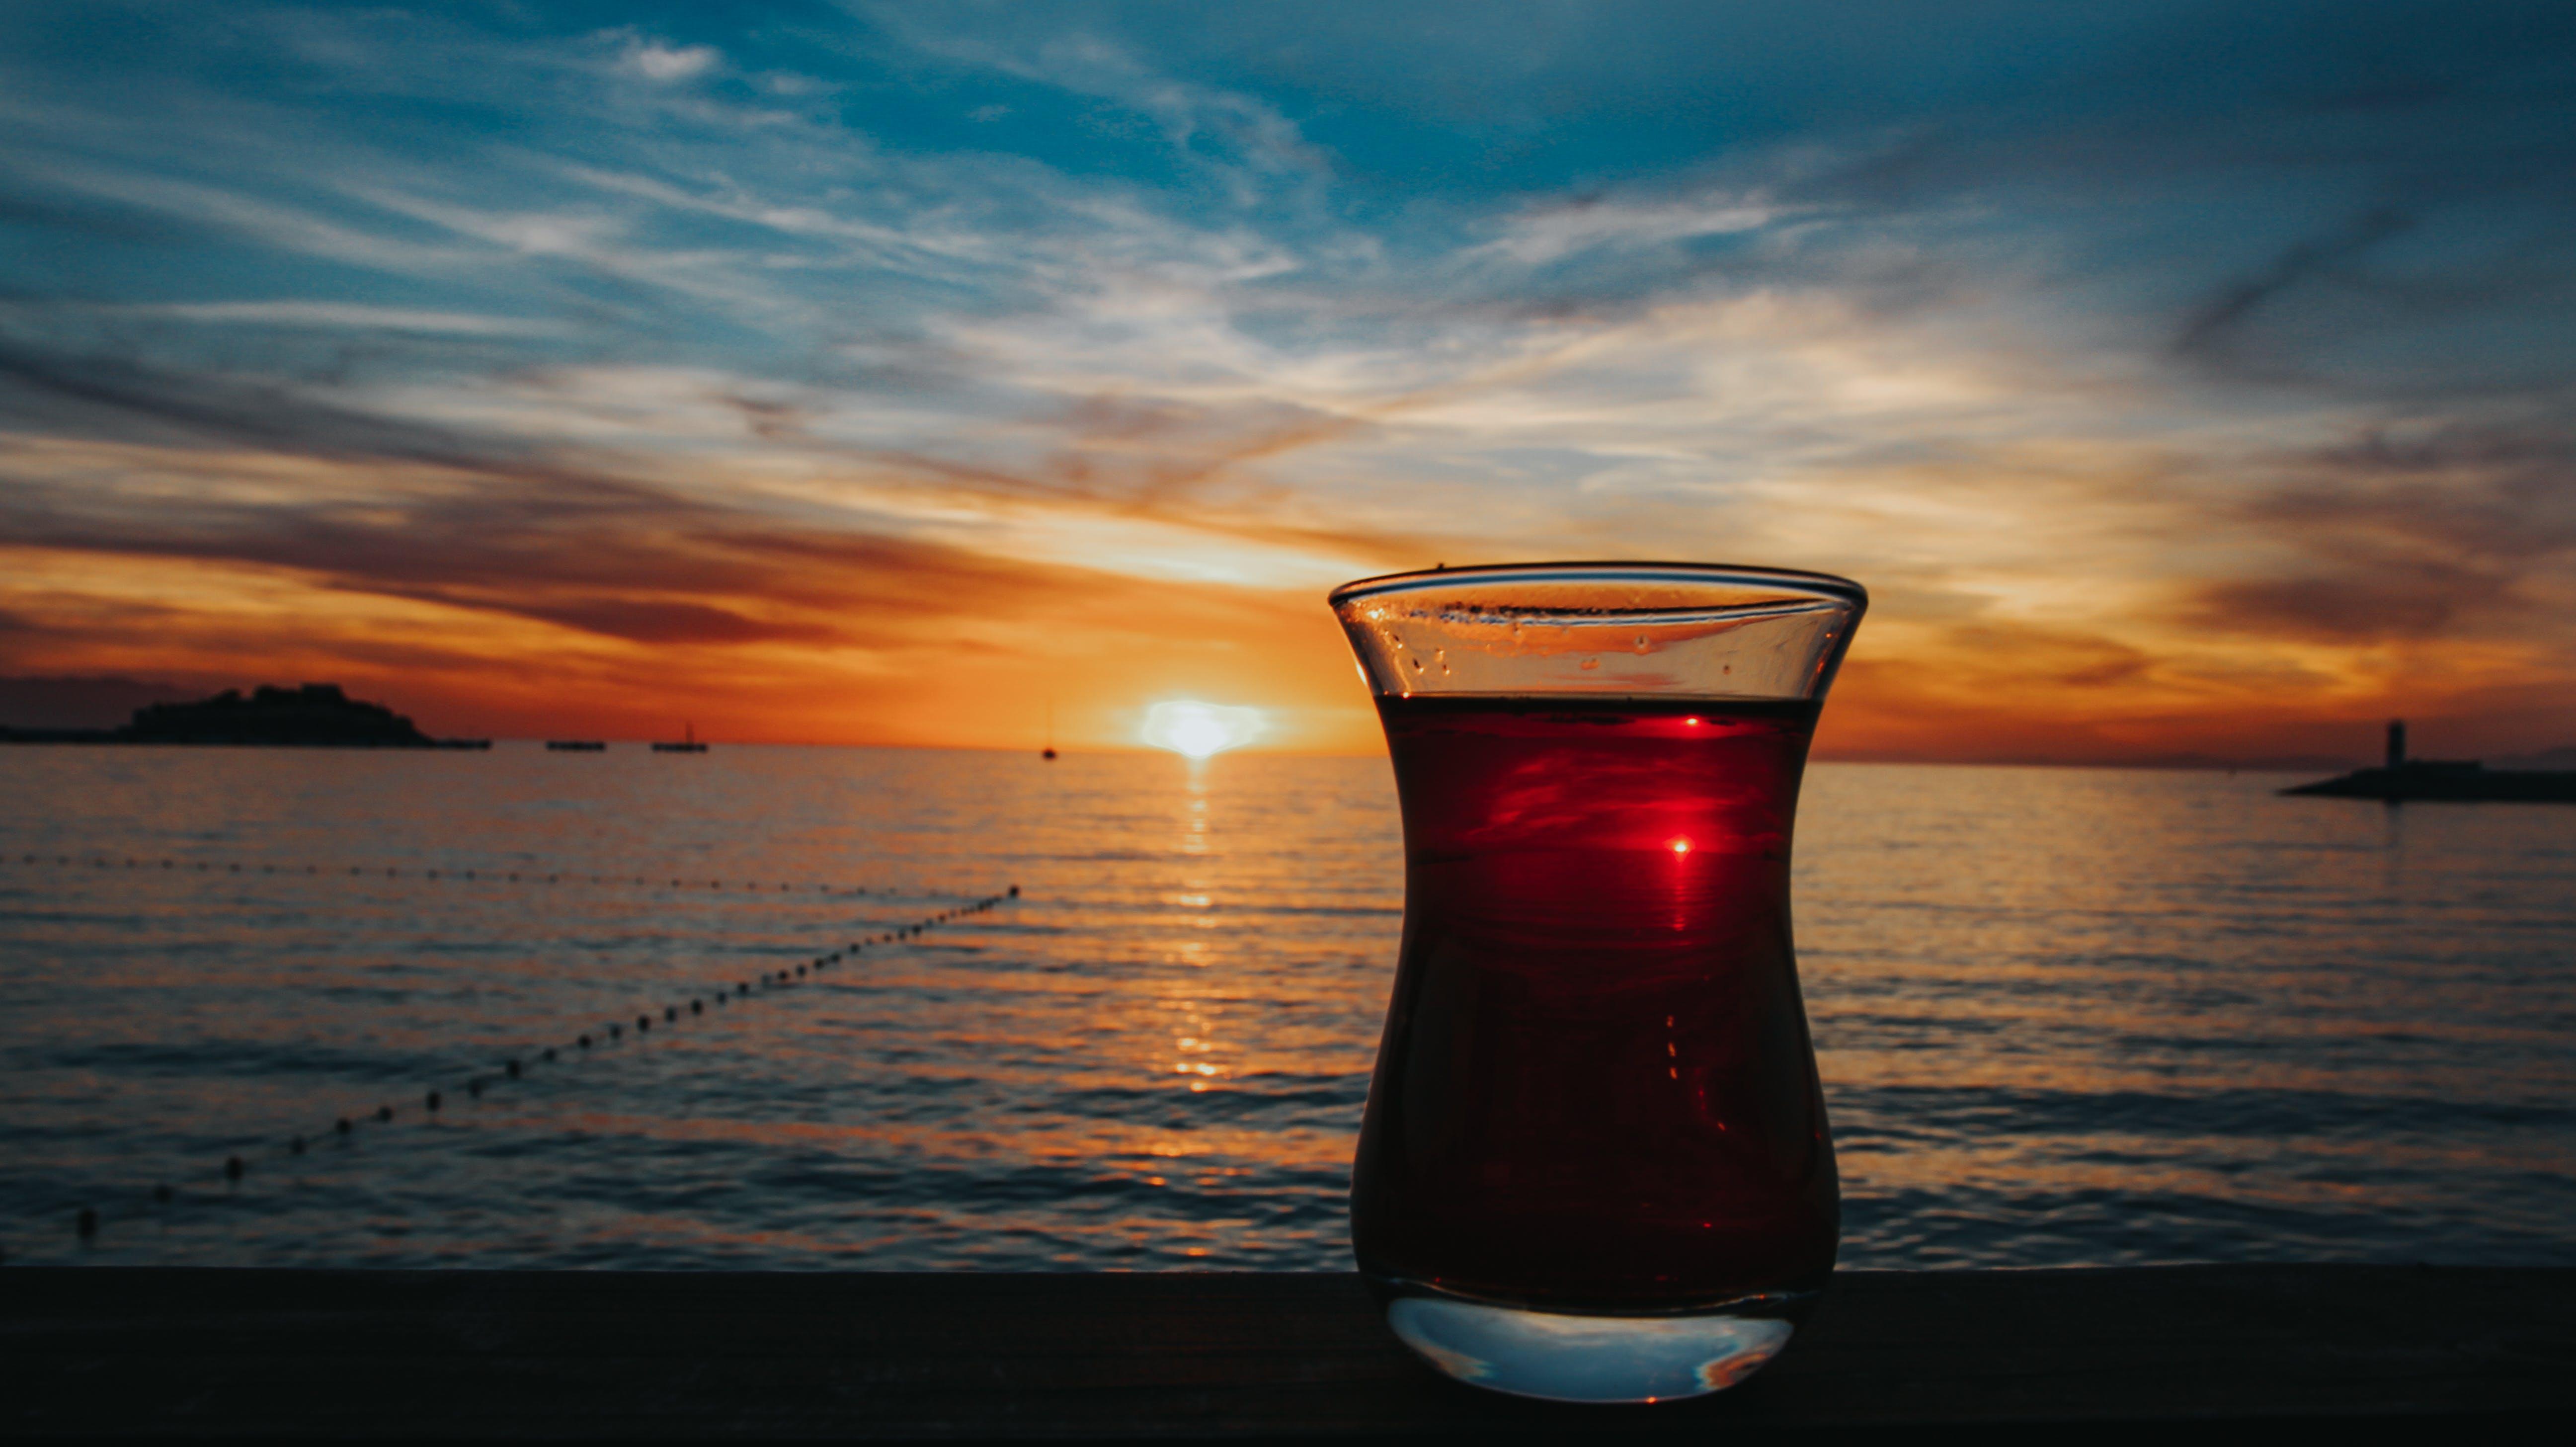 Free stock photo of sea, sky, sun, sunset